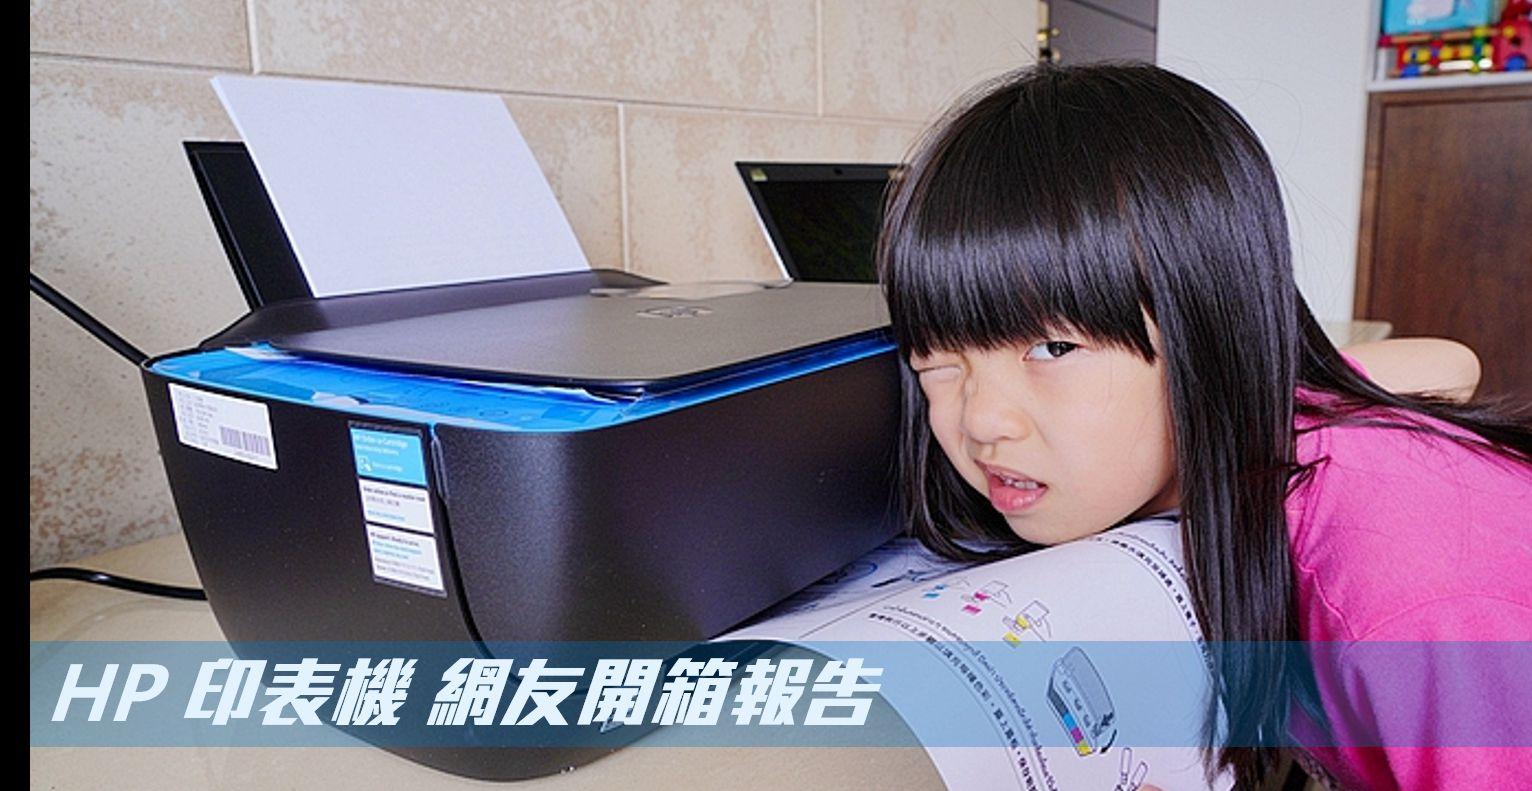 【網友體驗心得集錦】HP 印表機-創業與工作不可或缺的得力助手